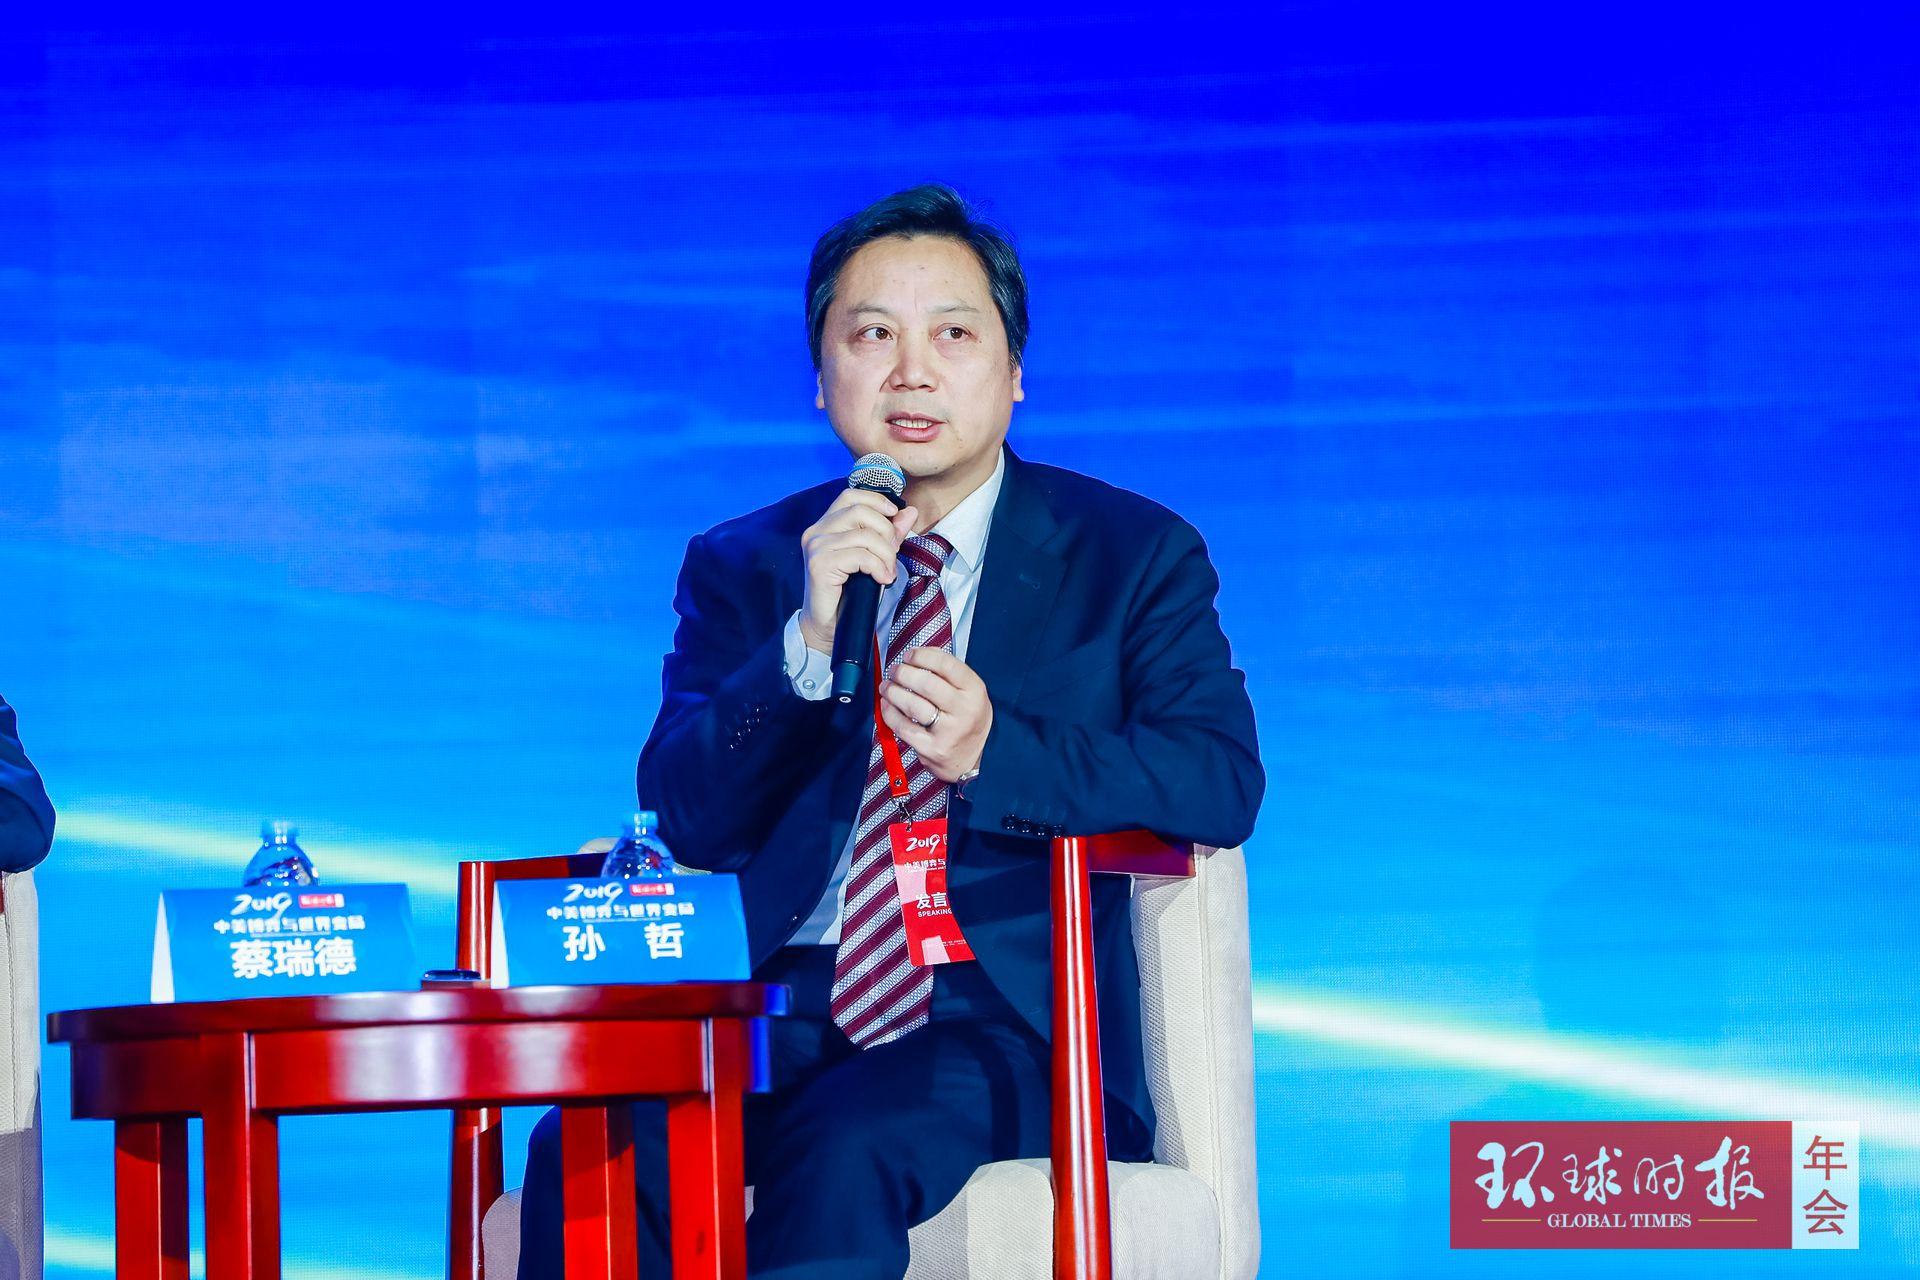 孙哲:中美关系若回不到从前,中国如何变强?